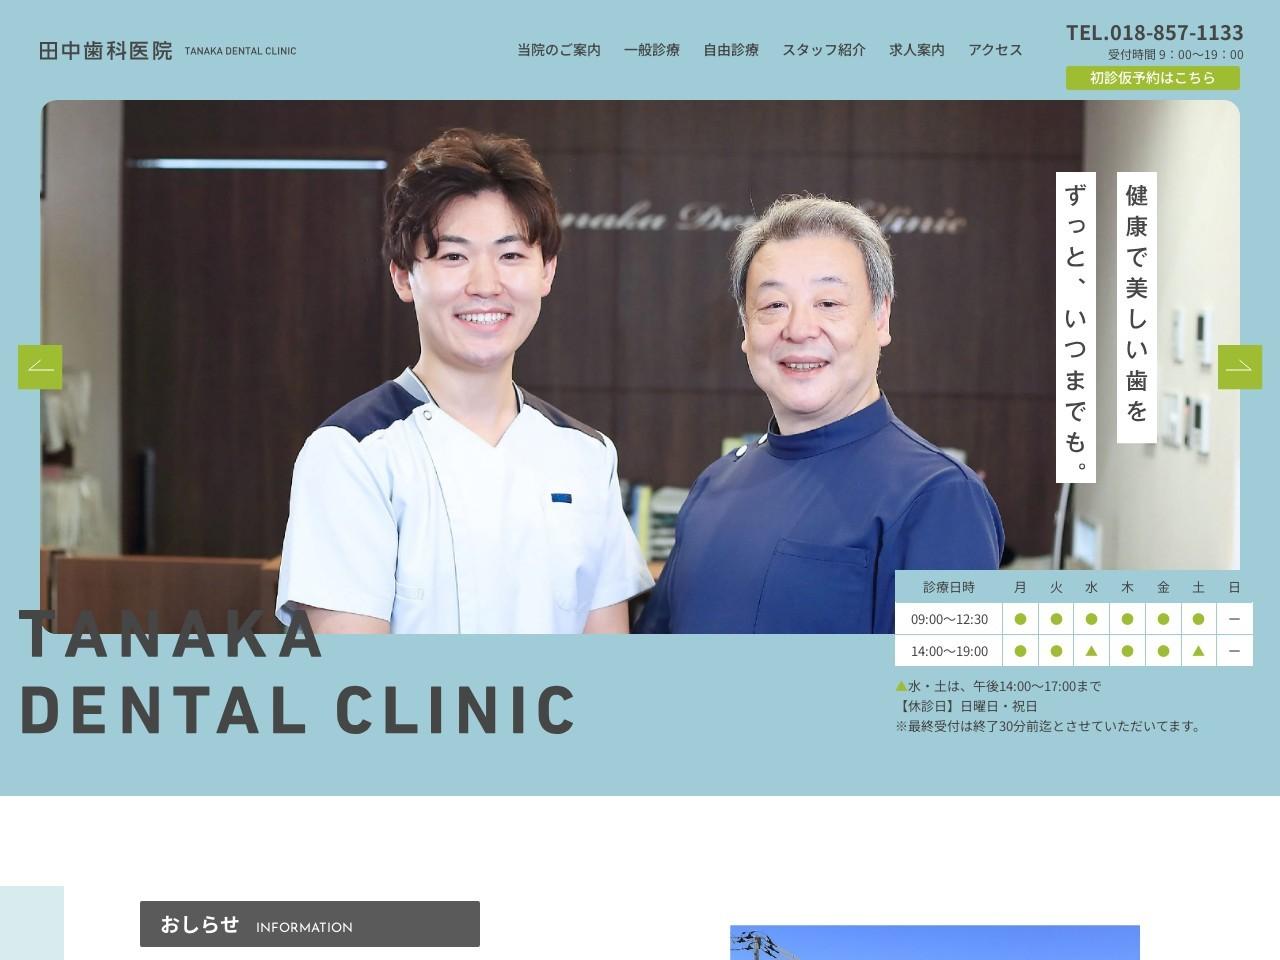 田中歯科医院 (秋田県秋田市)